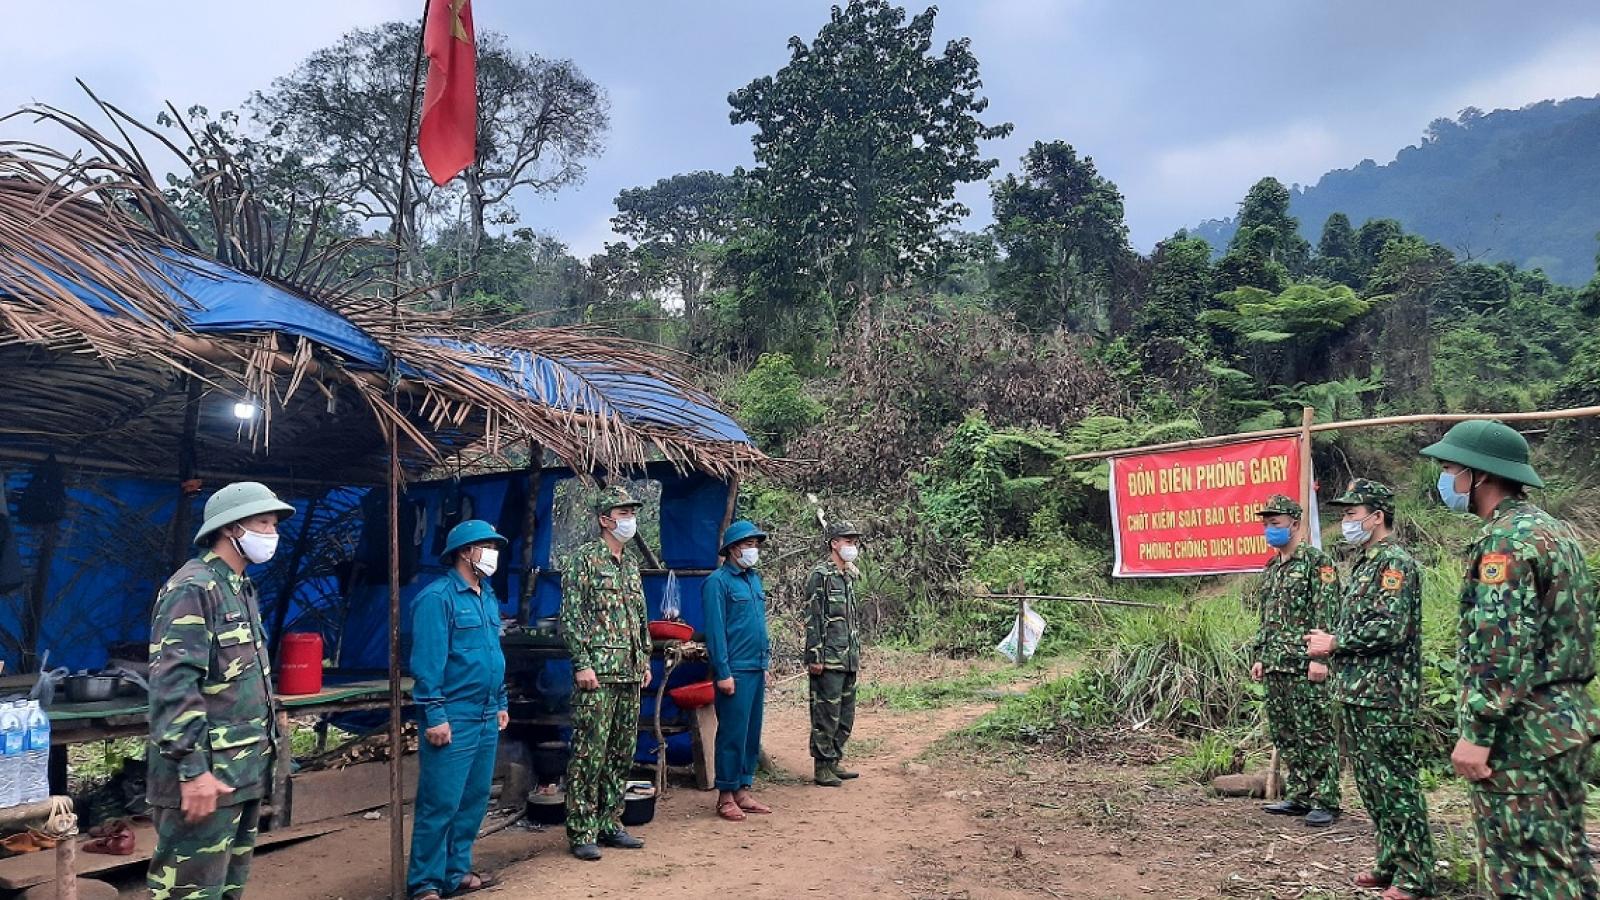 Ngăn chặn người nhập cảnh trái phép tuyến biên giới Quảng Nam